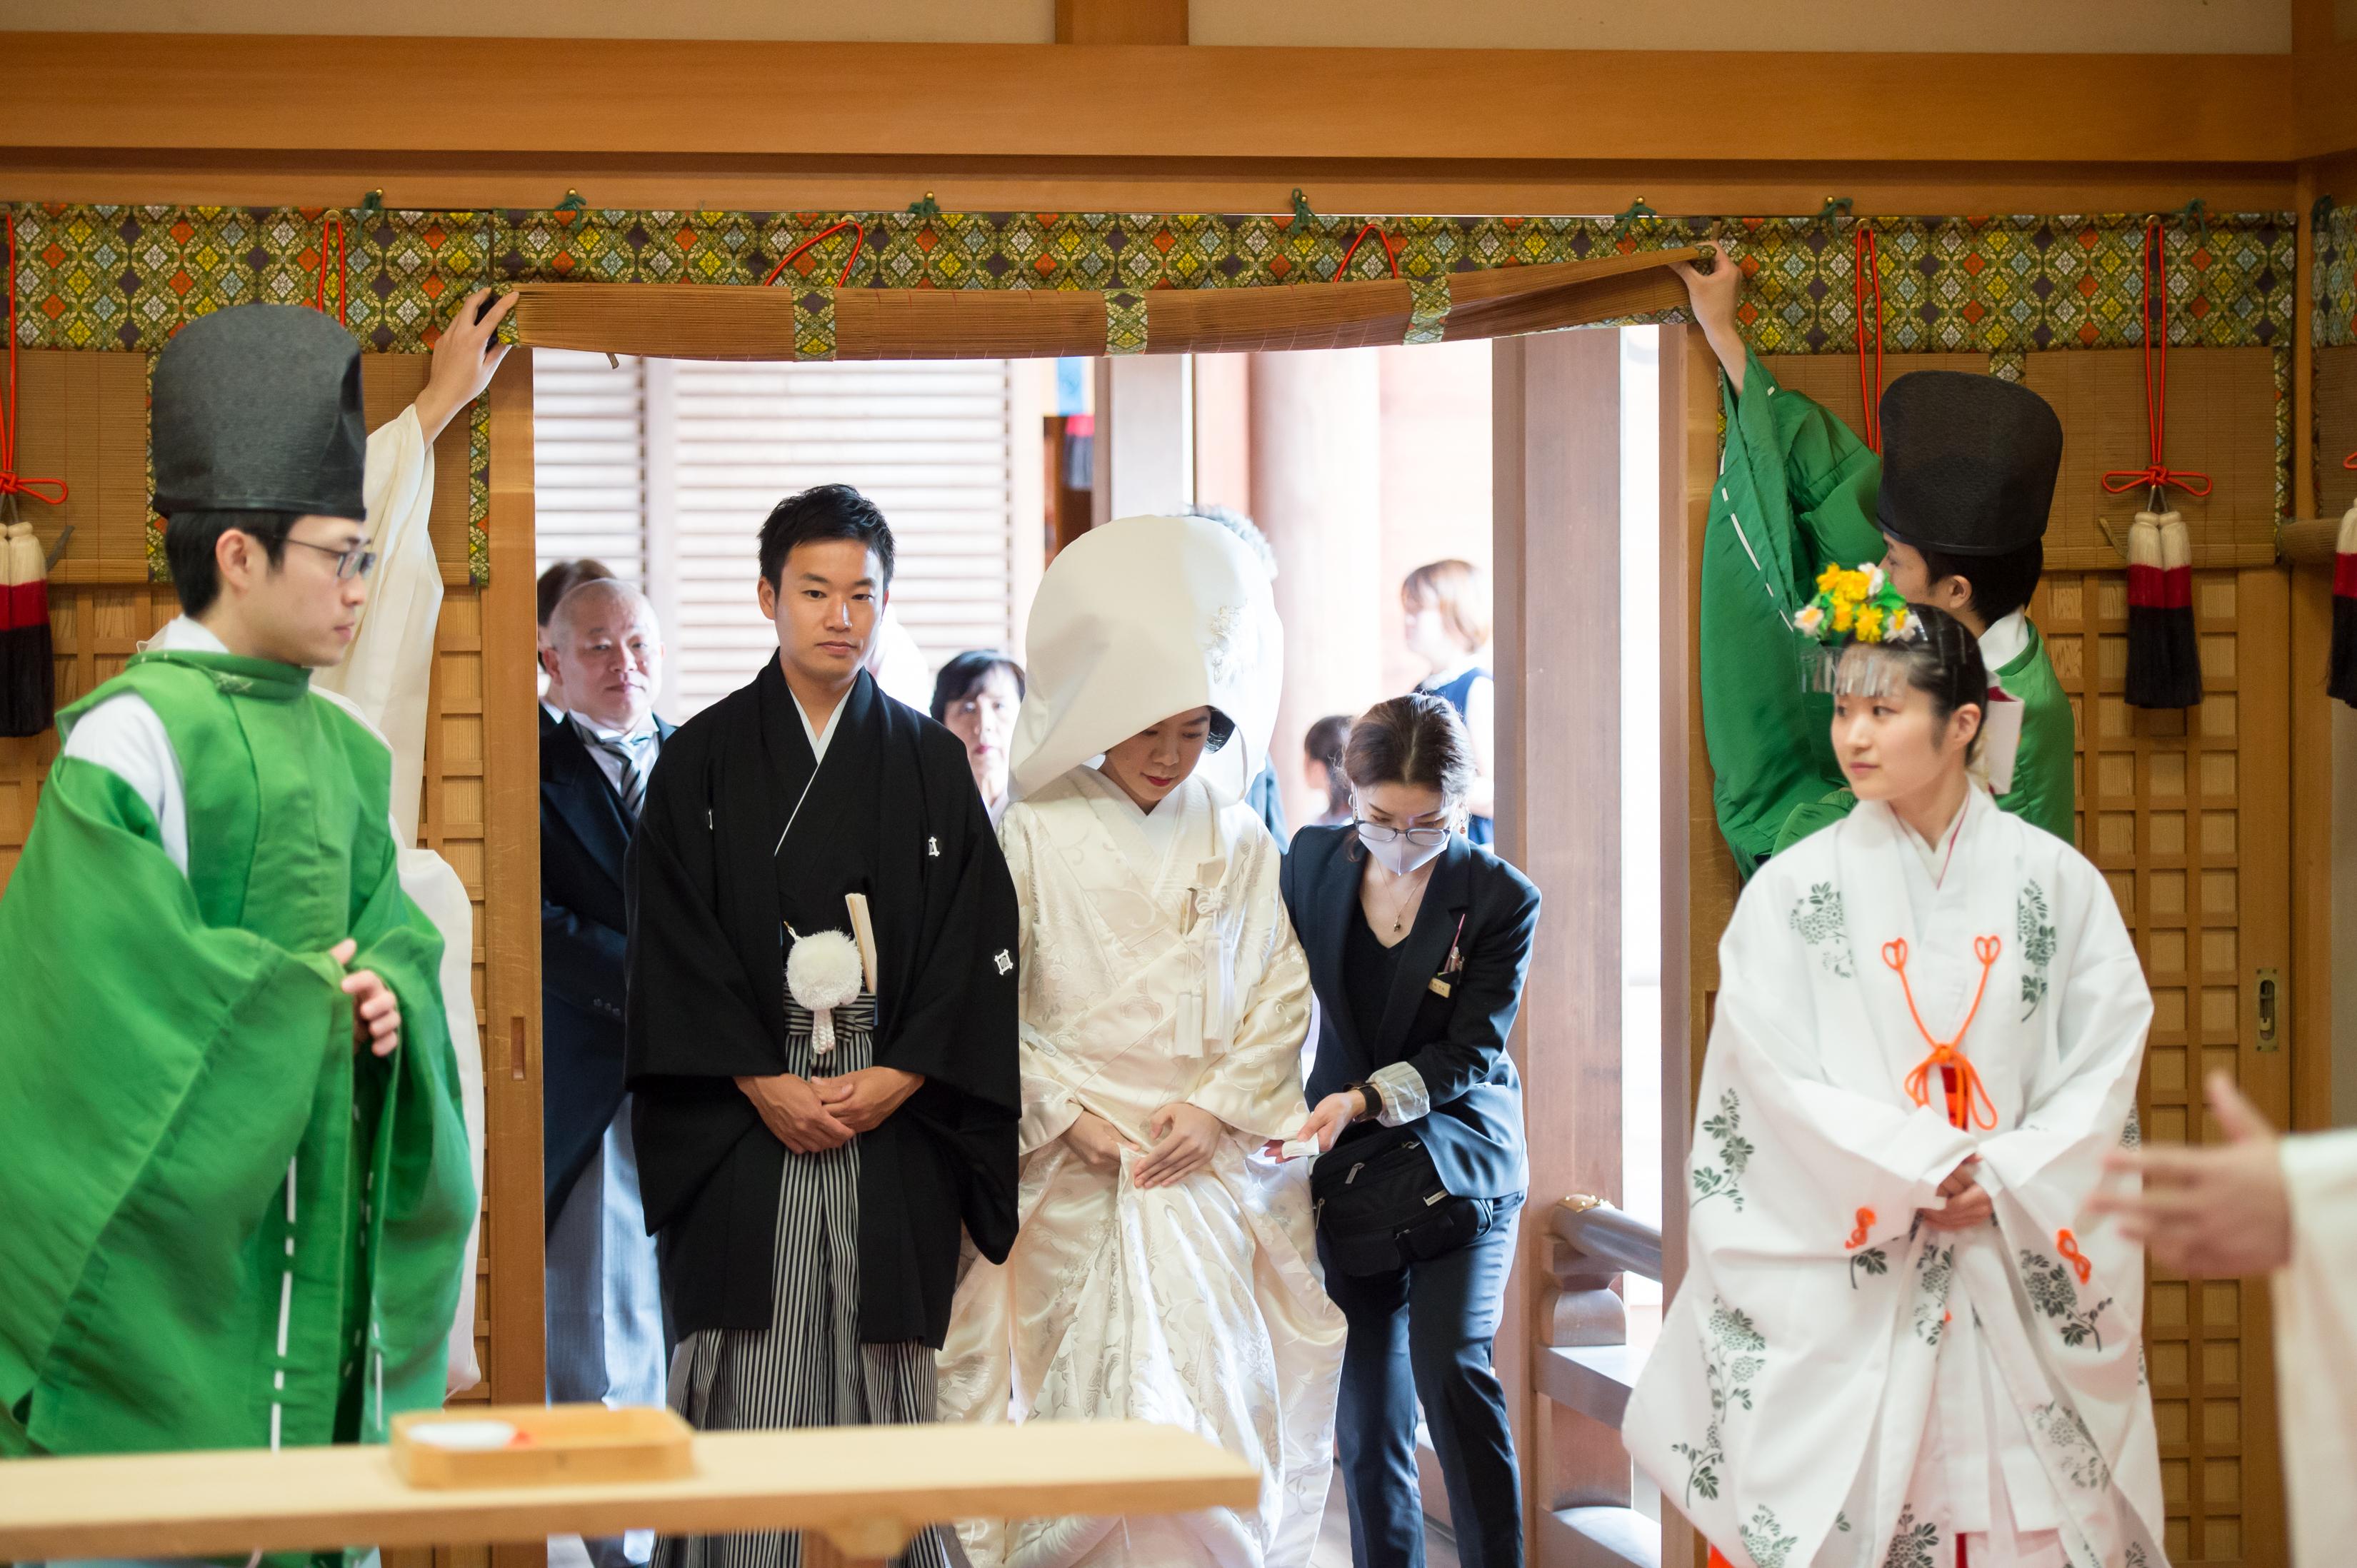 念願の結婚式 大神神社で賑やかな少人数の親族婚♪ 写真